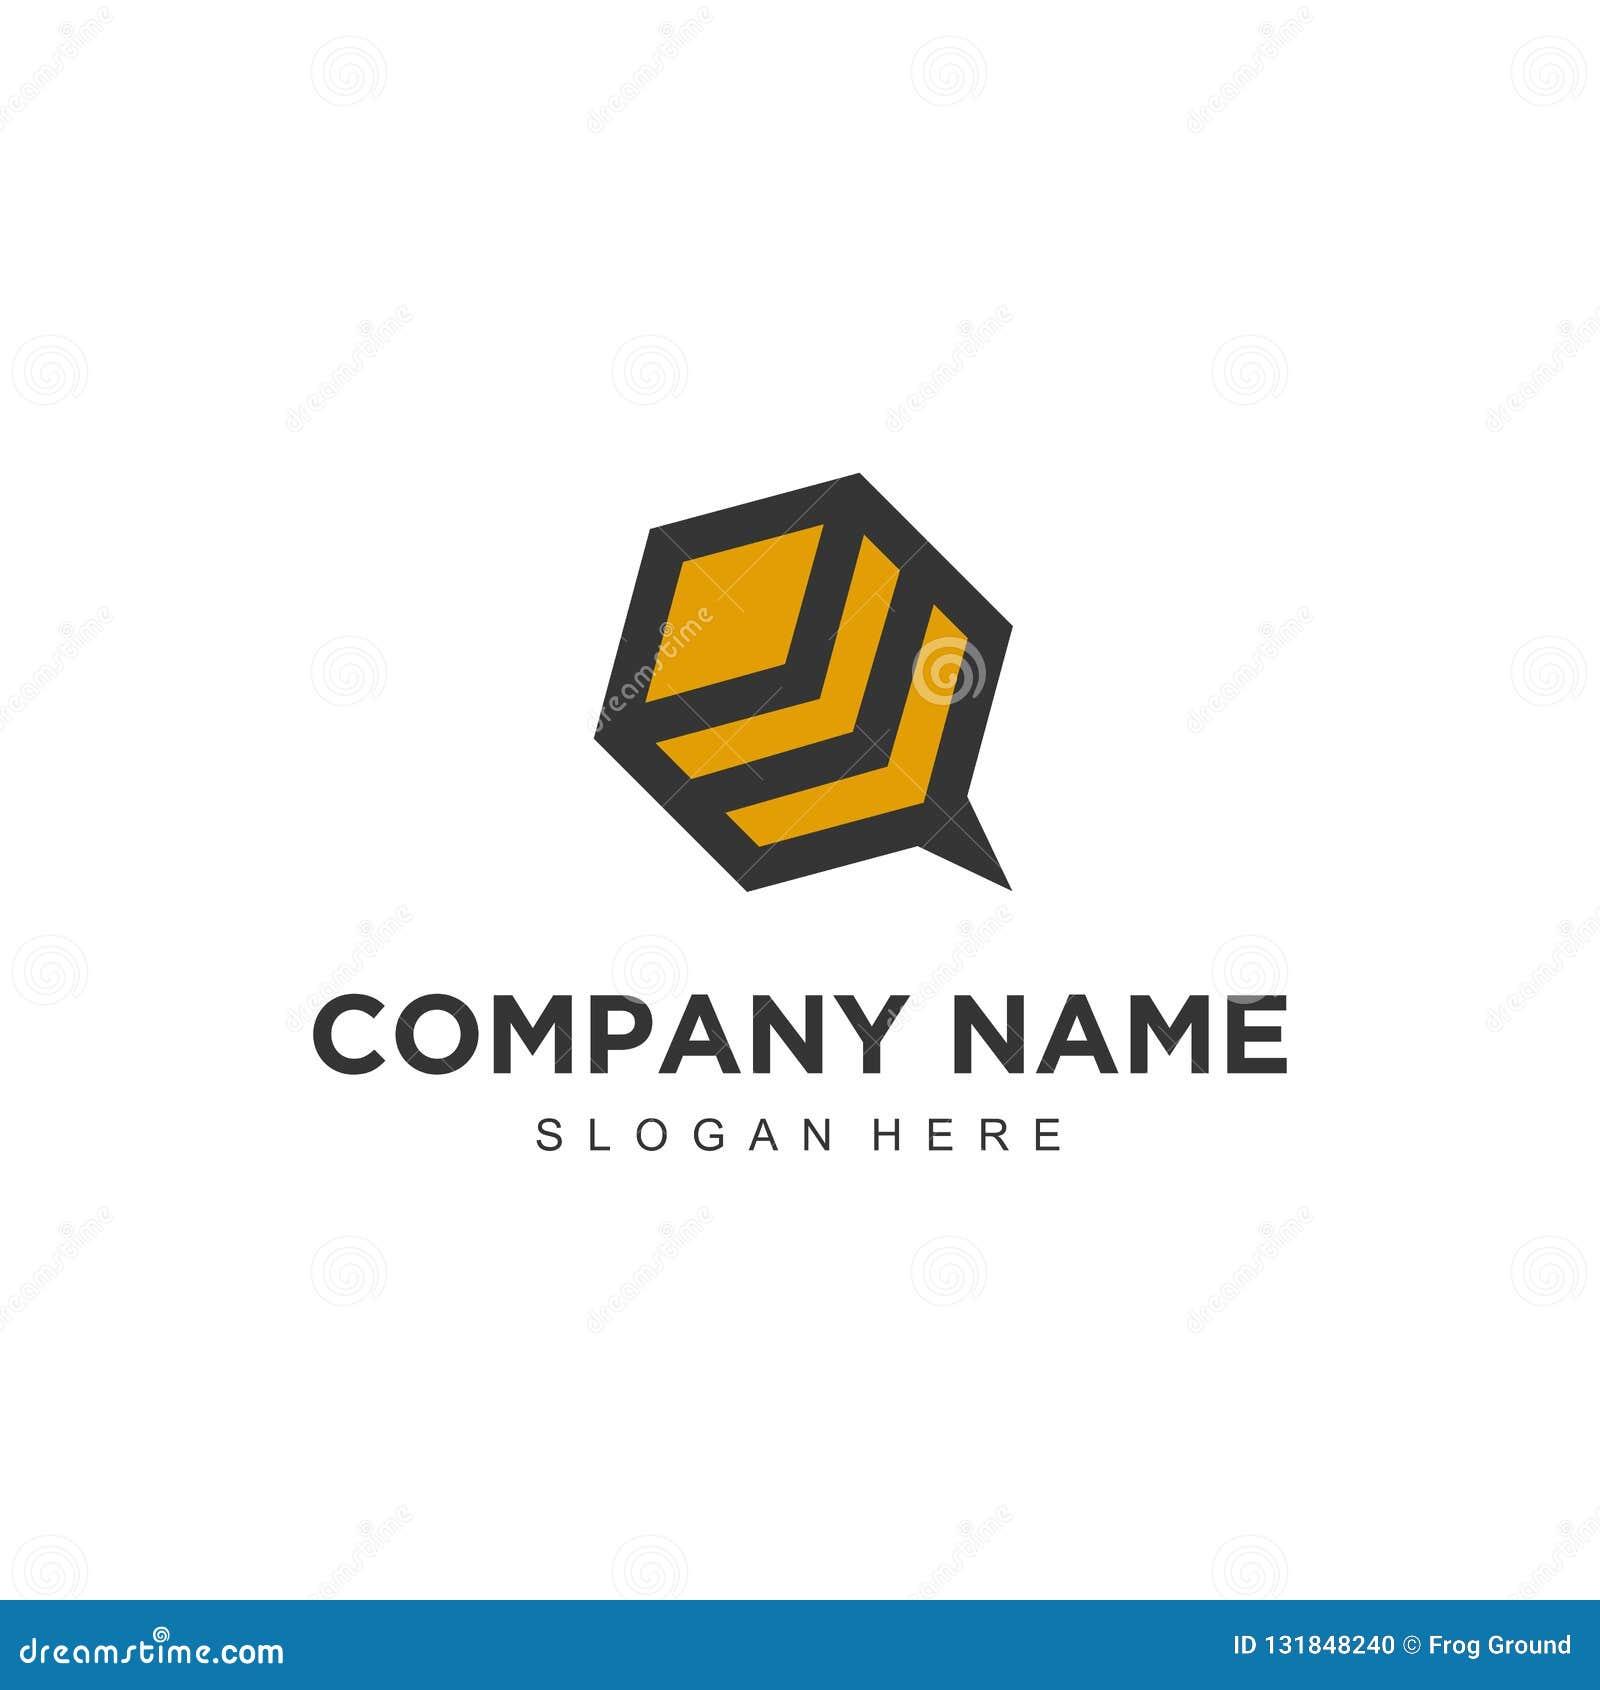 Diseño profesional moderno minimalistic simple del logotipo de plantilla del ilustrador del vector EPS de la abeja